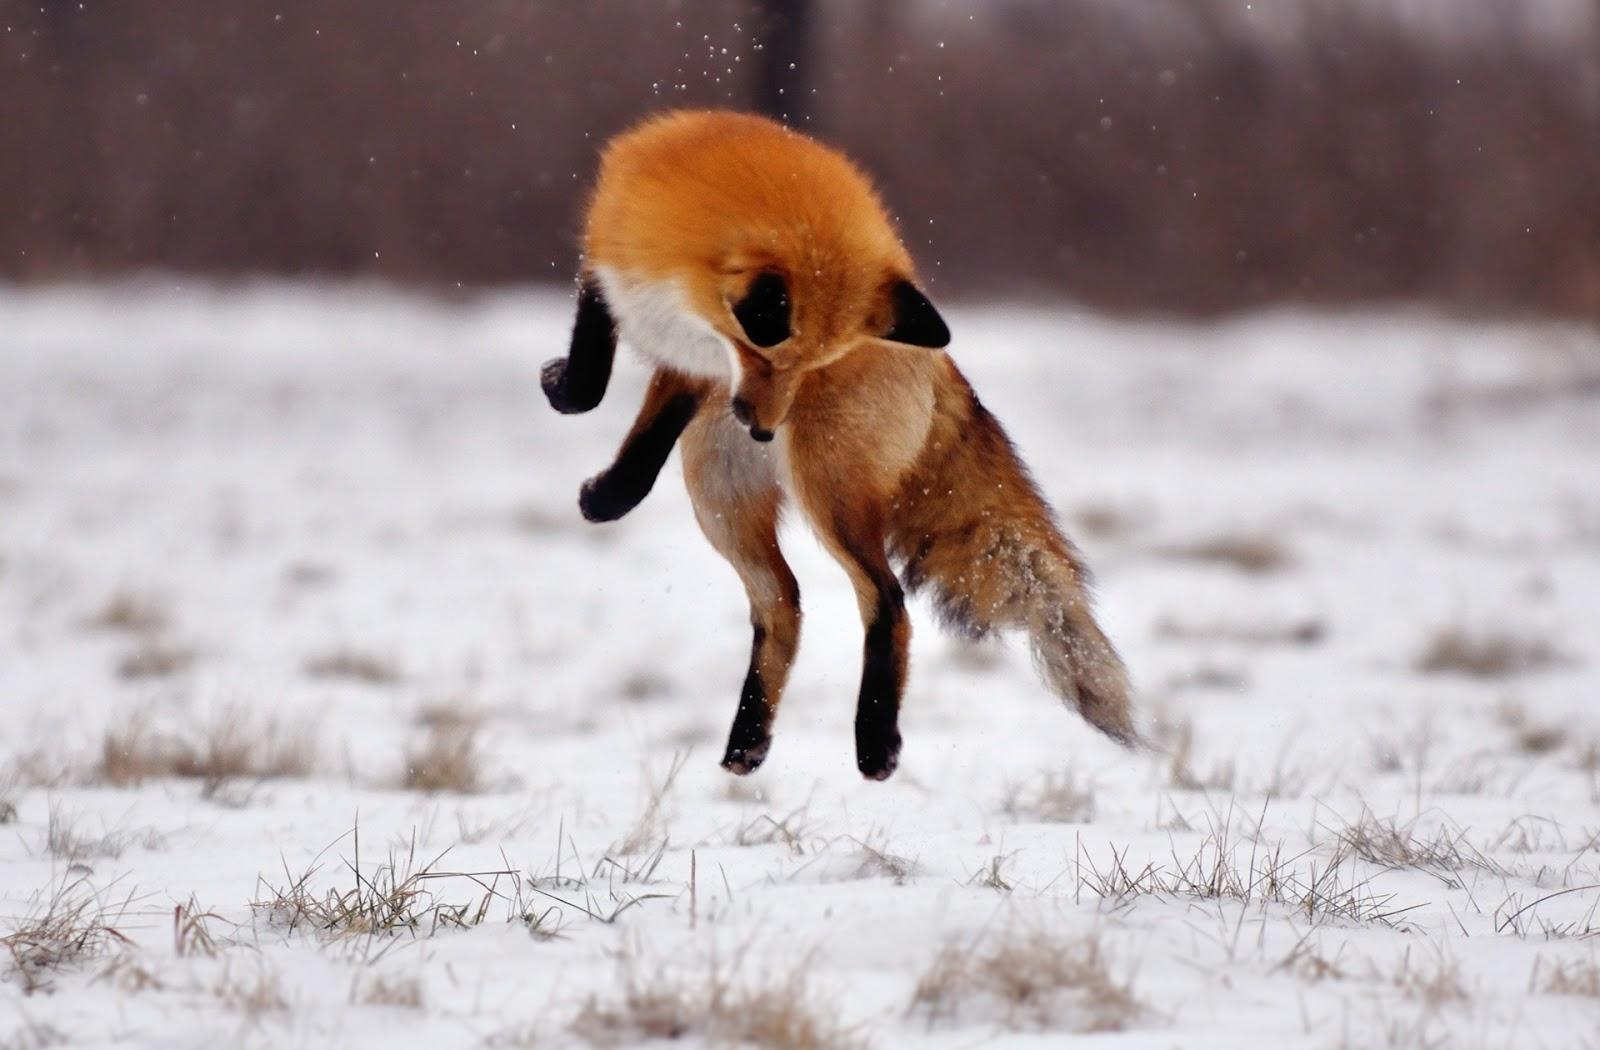 Top Wallpaper Horse Snow - Desktop-fox-jump-winter-field-snow  Photograph_605811.jpg